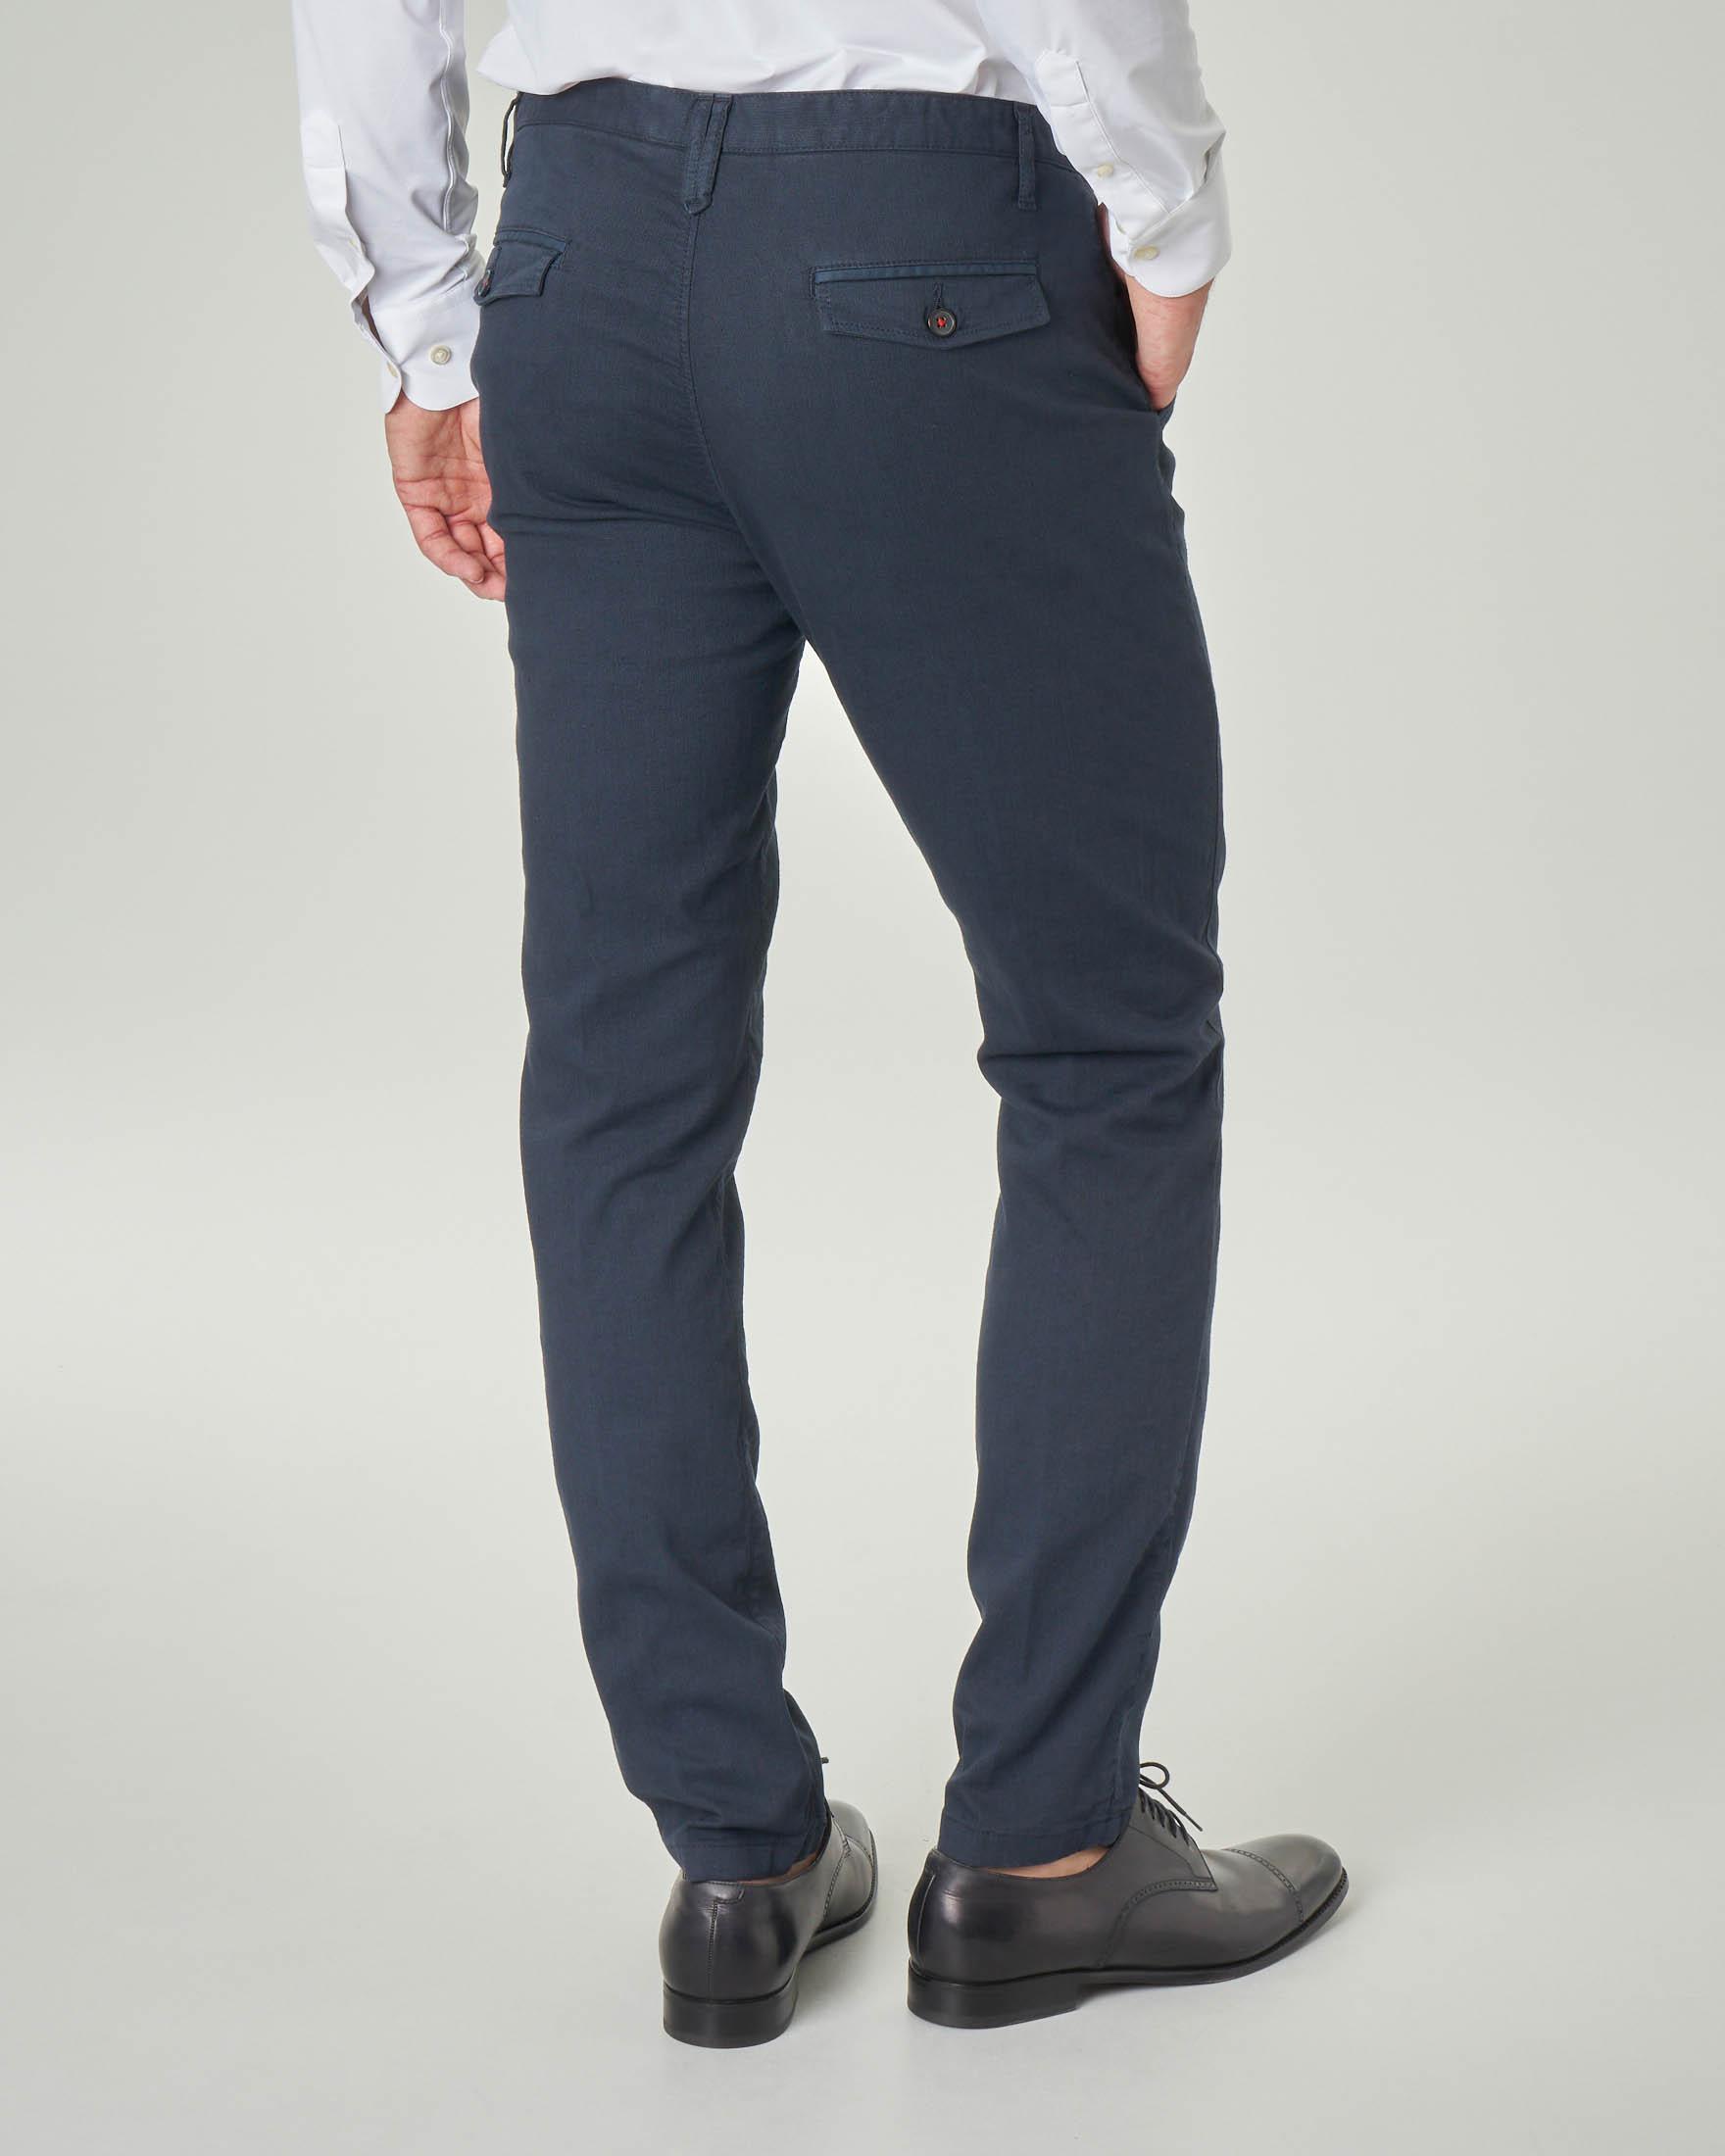 Pantalone chino blu in cotone stretch micro resca